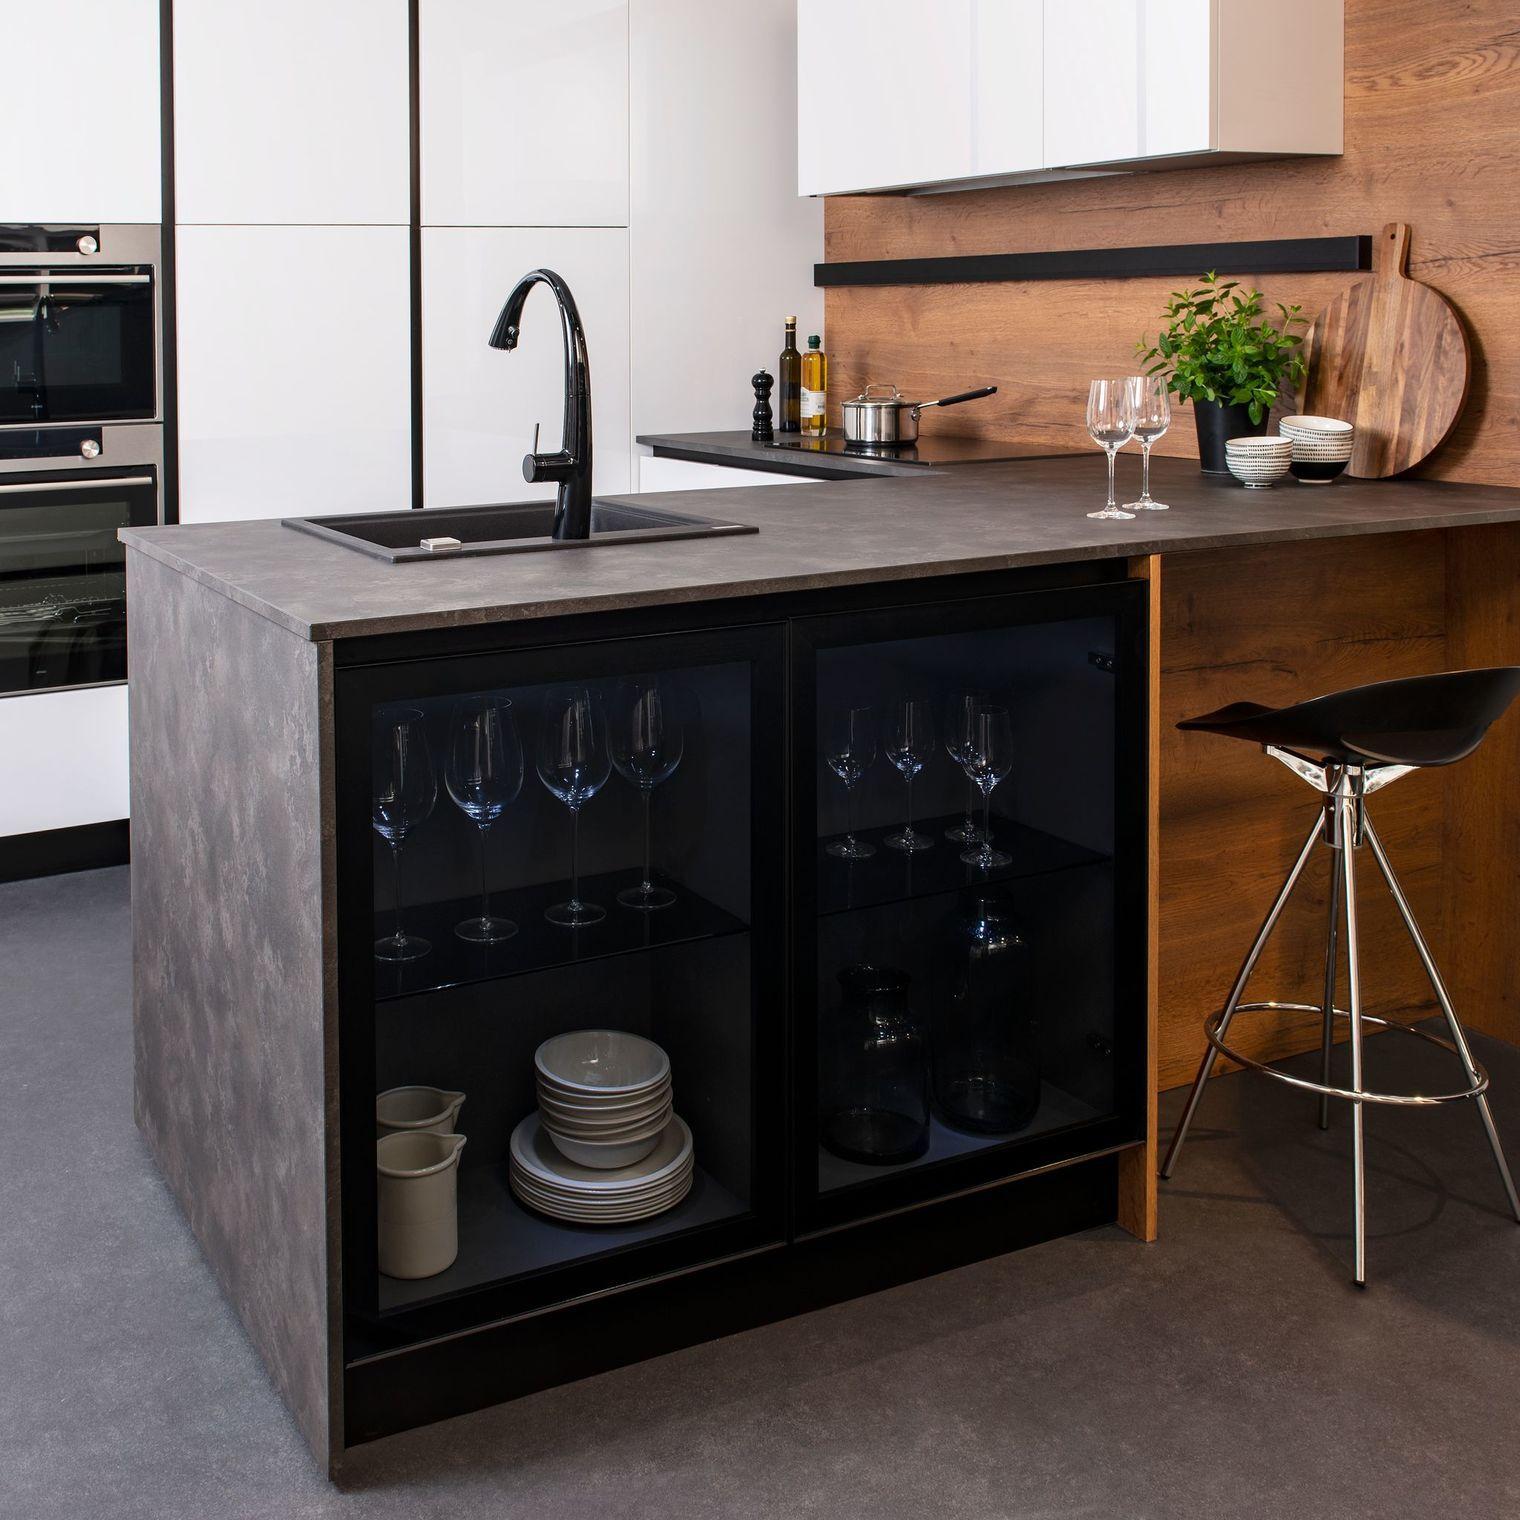 Darty Cuisine Sur Mesure cuisine darty : nouveaux modèles sur mesure 2019 | cuisine